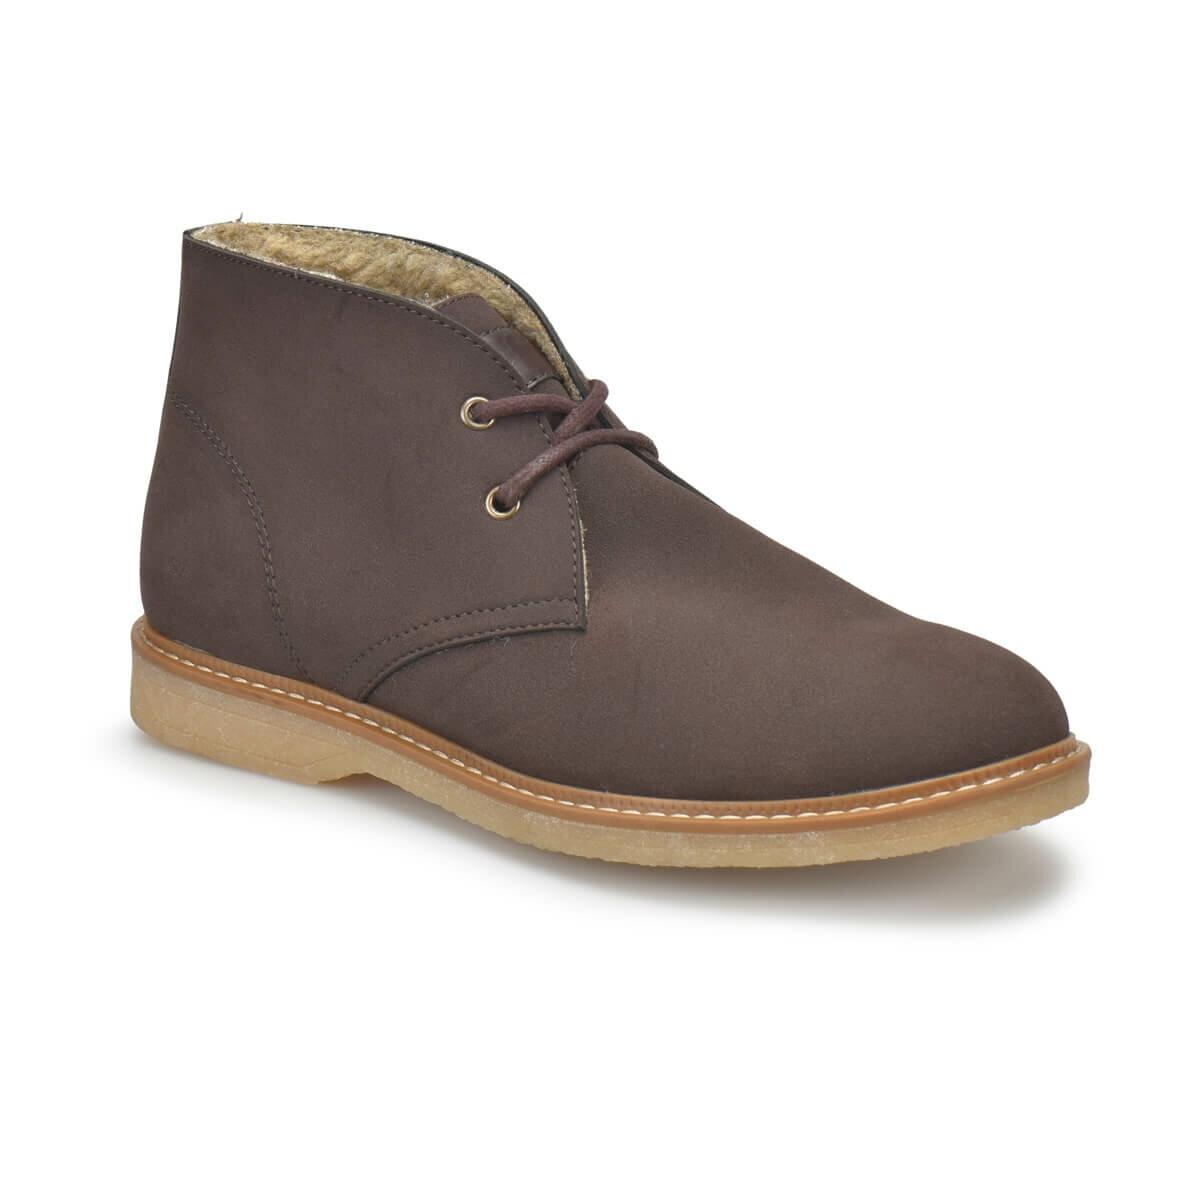 FLO 68 Brown Men Boots JJ-Styles